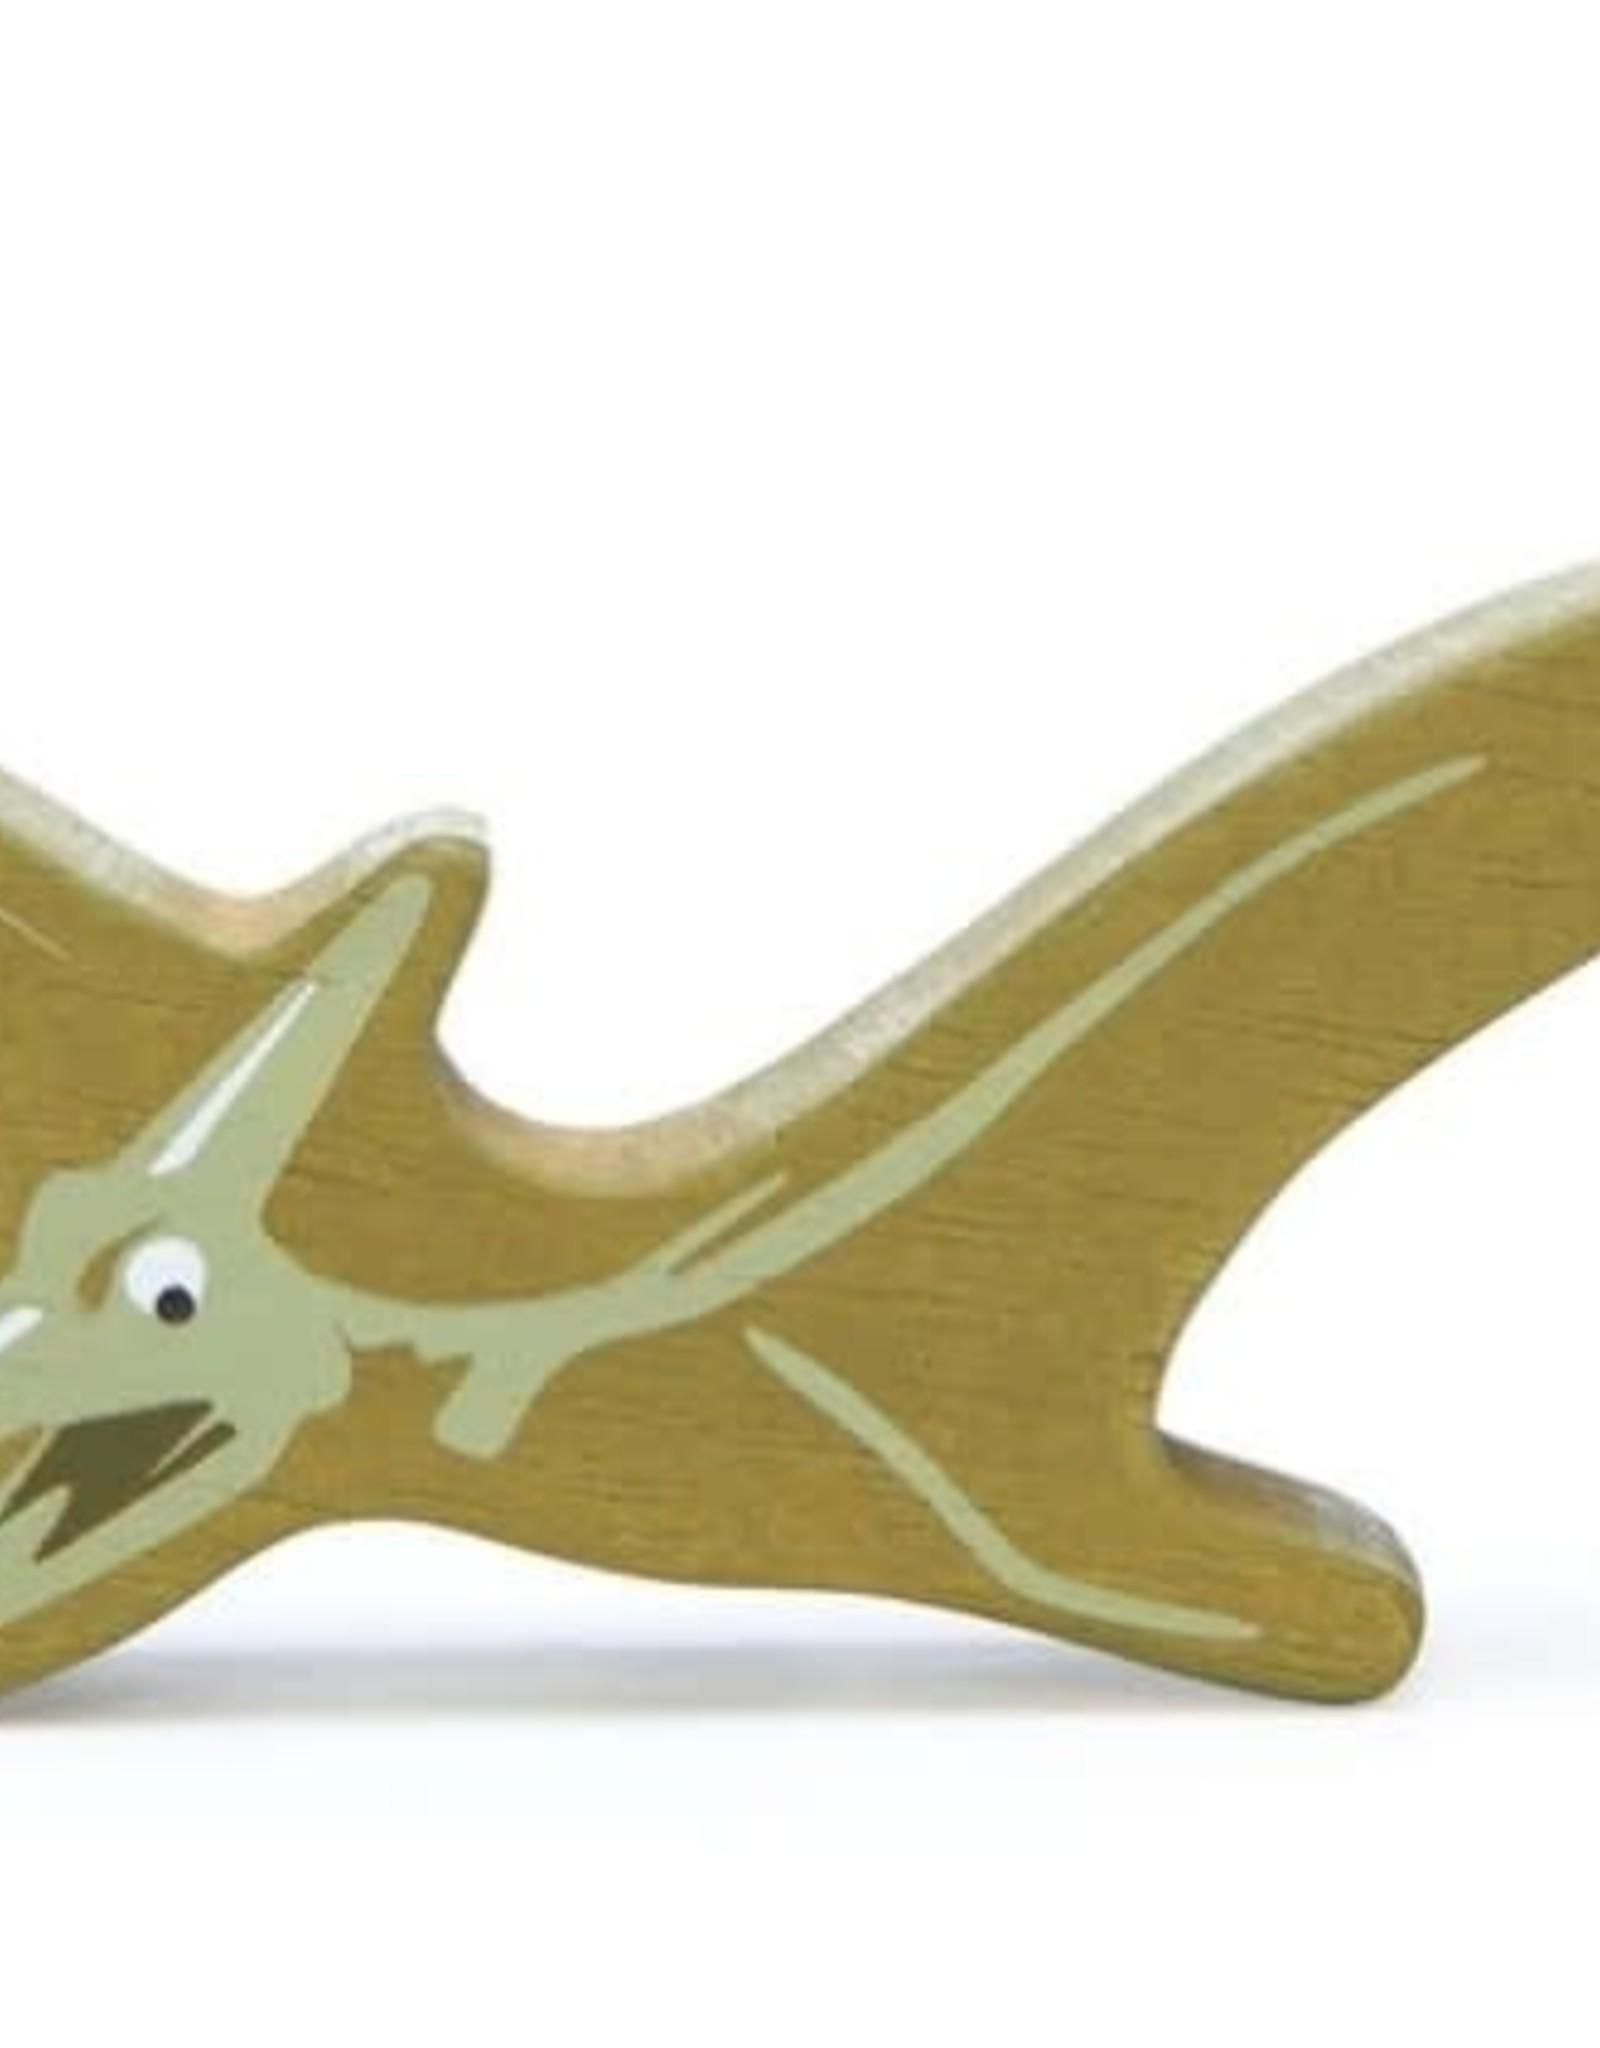 Tender Leaf Toys Tender Leaf Wooden Pterodactyl